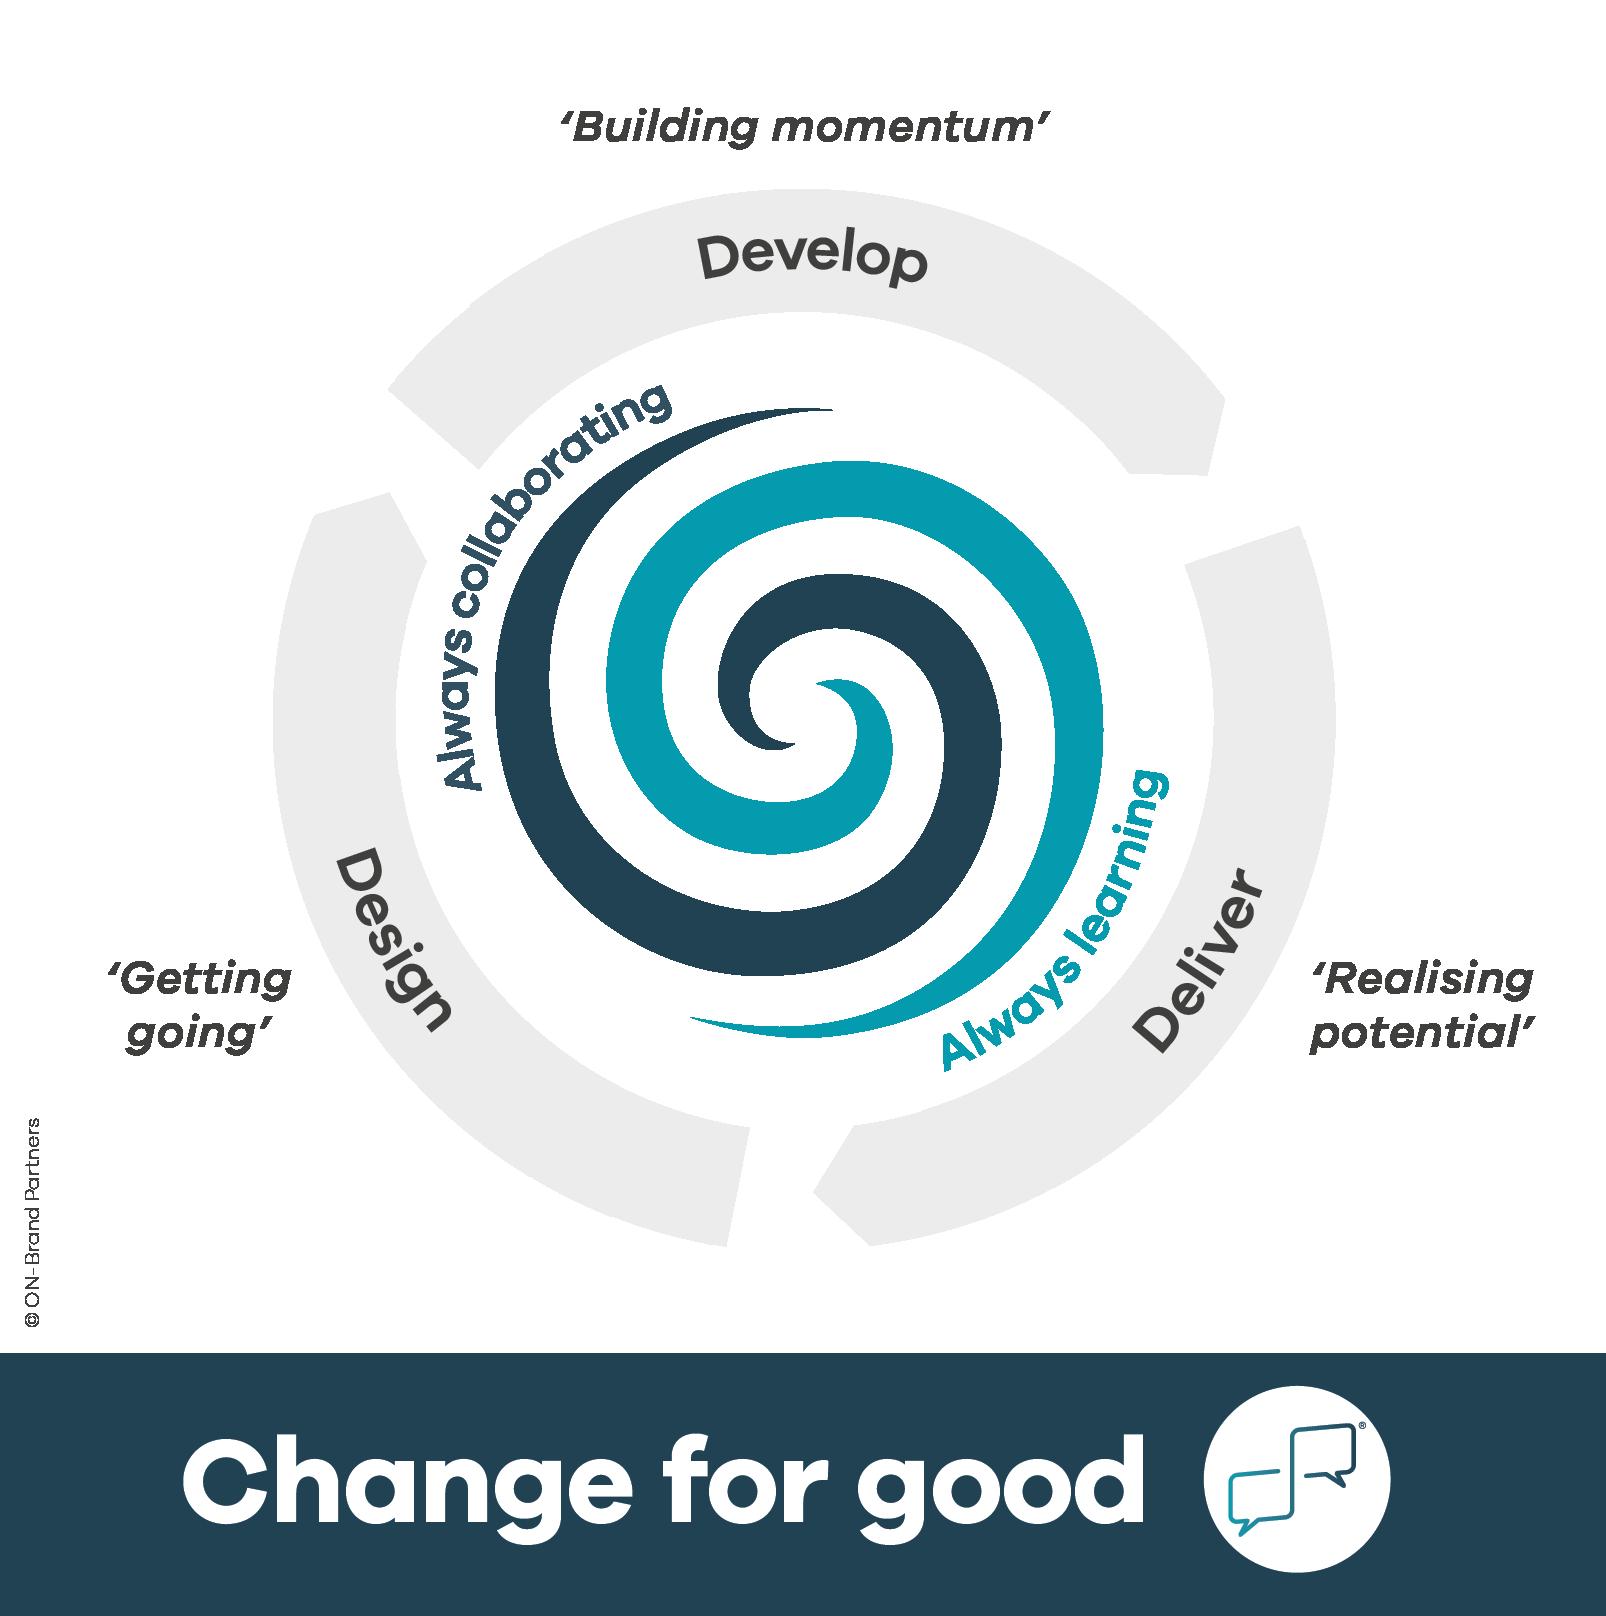 Change for Good model - building momentum